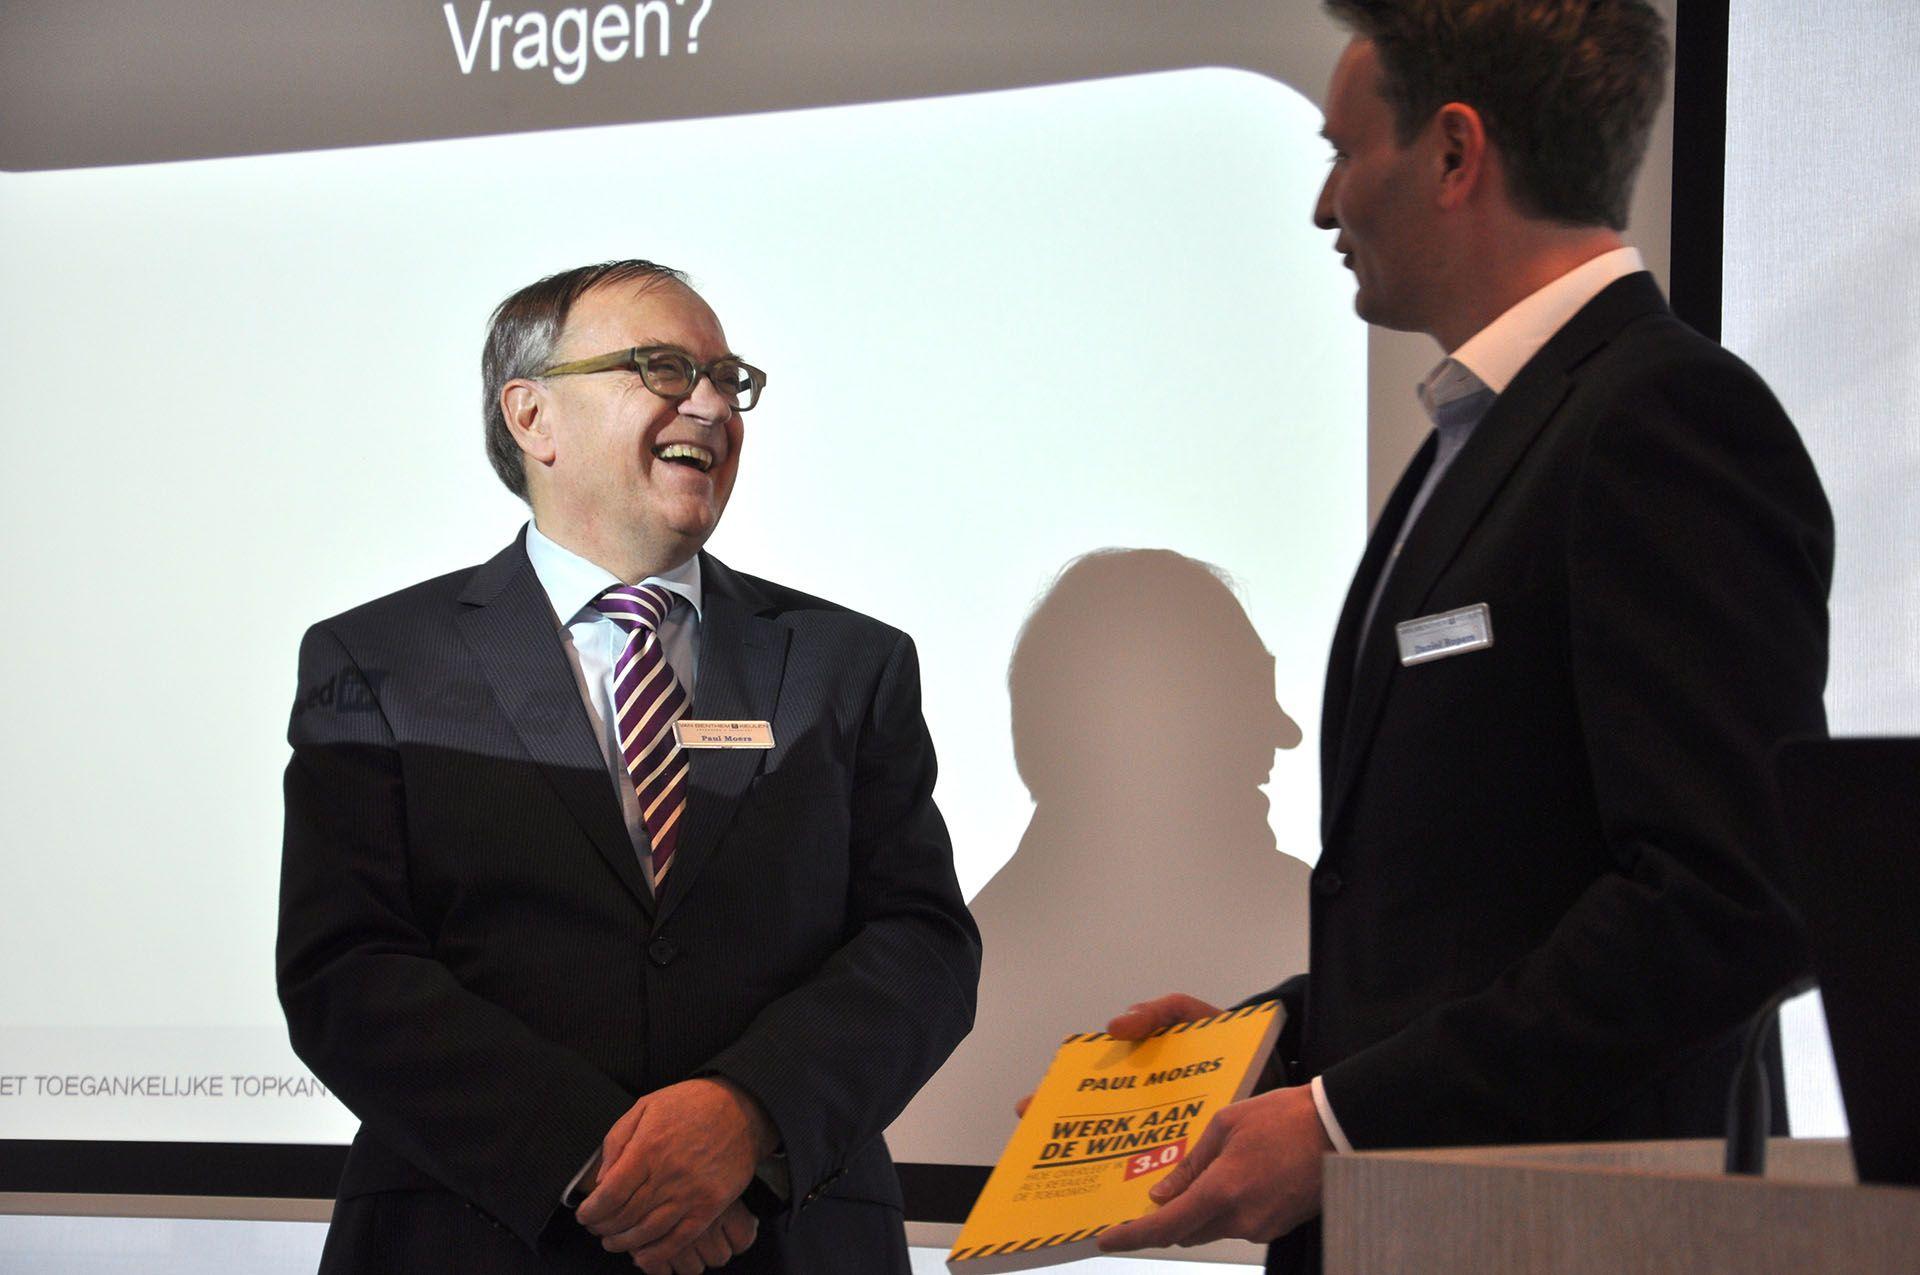 Paul Moers overhandigt boek aan Daniel Ropers van Bol.com bij van Benthem en Keulen in Utrecht